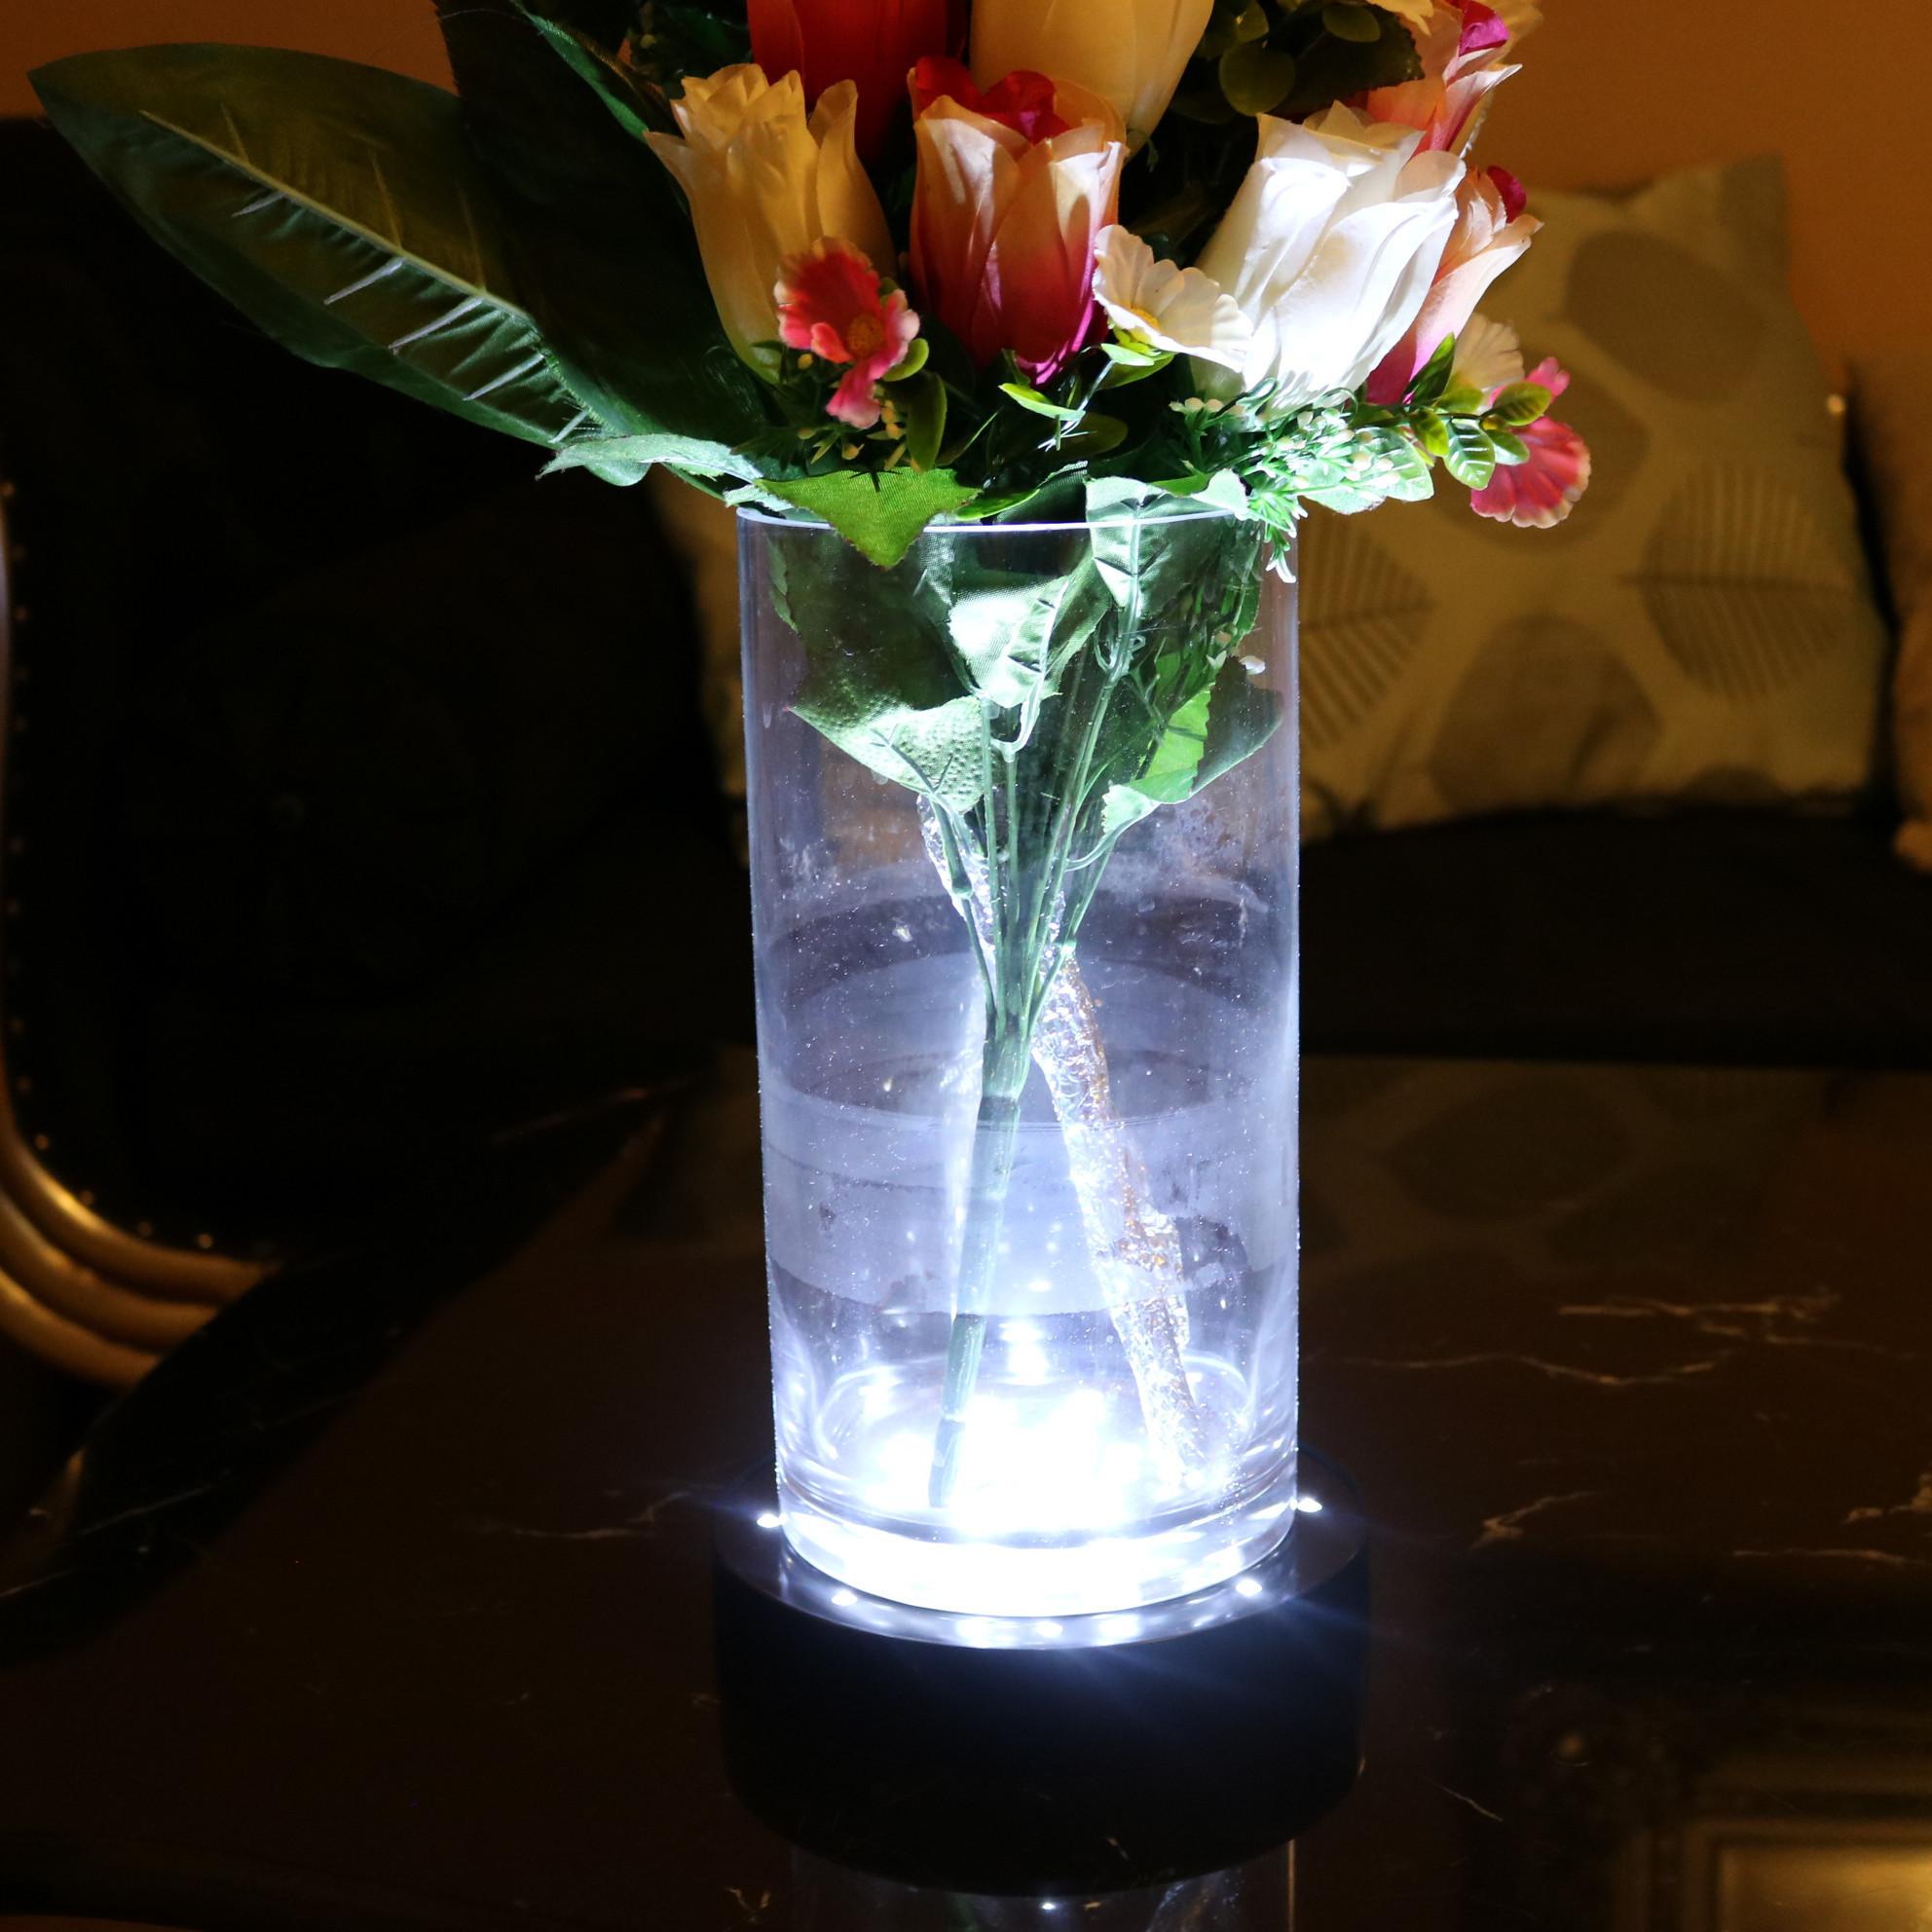 Light Up Flower Vases Vase And Cellar Image Avorcor & Light Up Flower Vases - Vase and Cellar Image Avorcor.Com